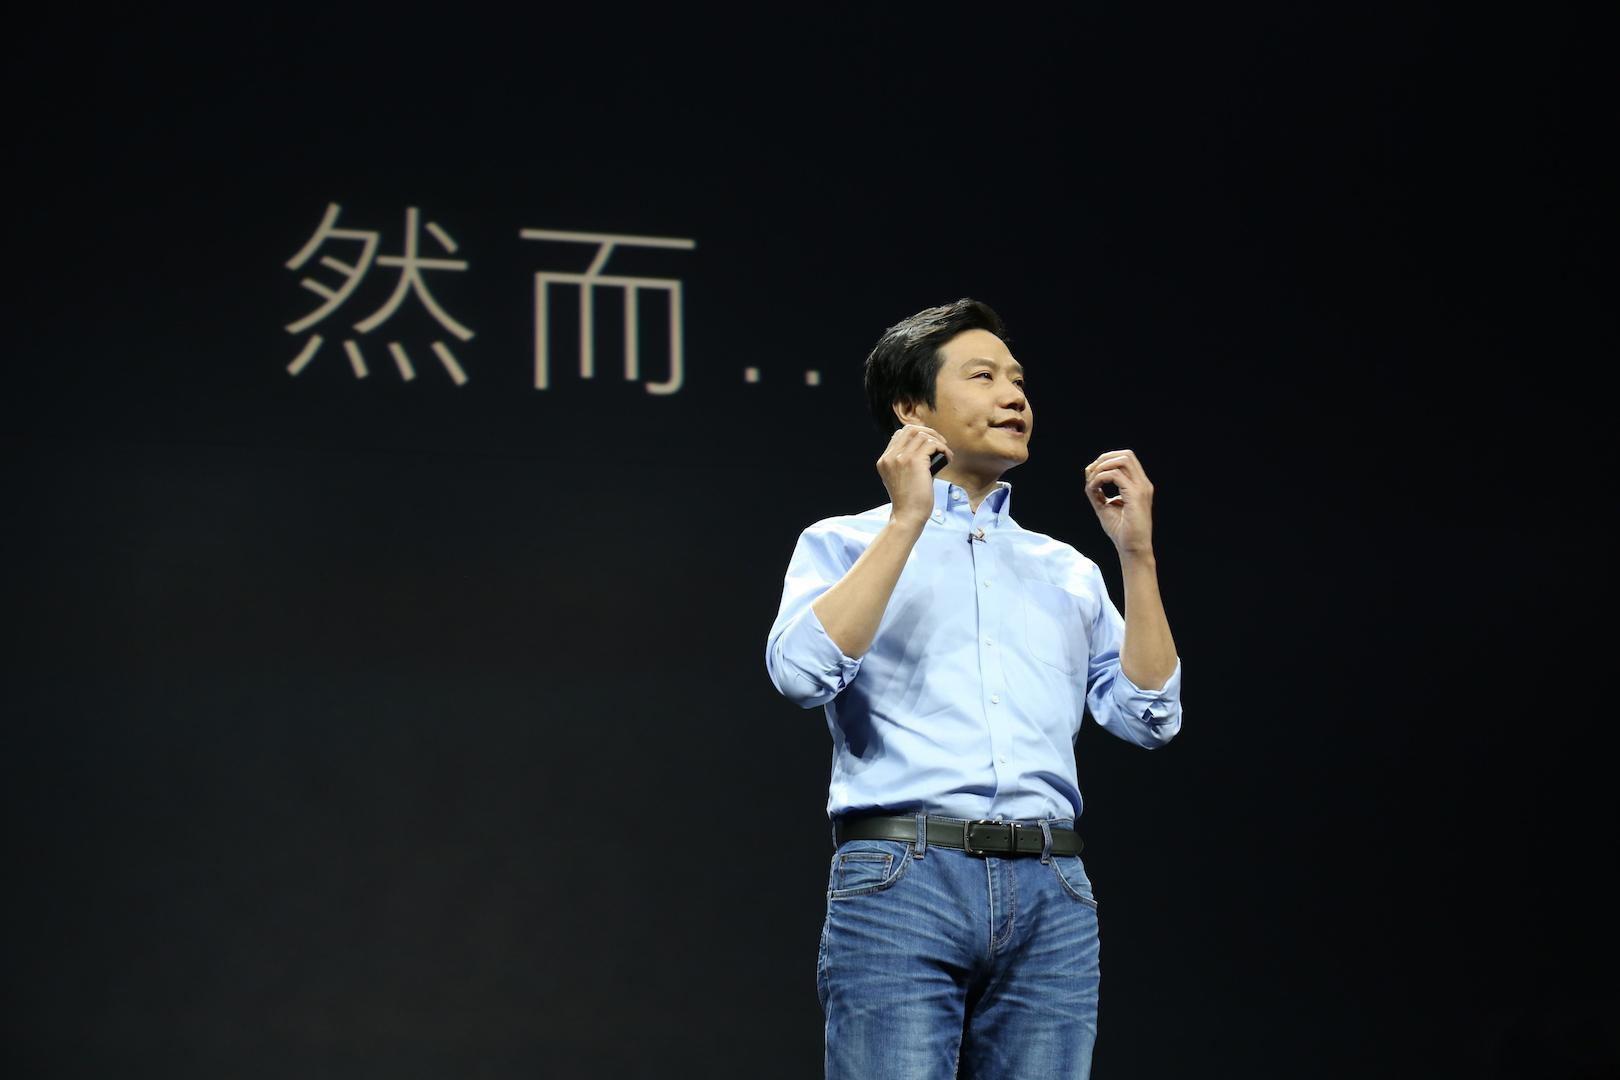 小米是硬件or互联网公司?市盈率高苹果数倍遭质疑